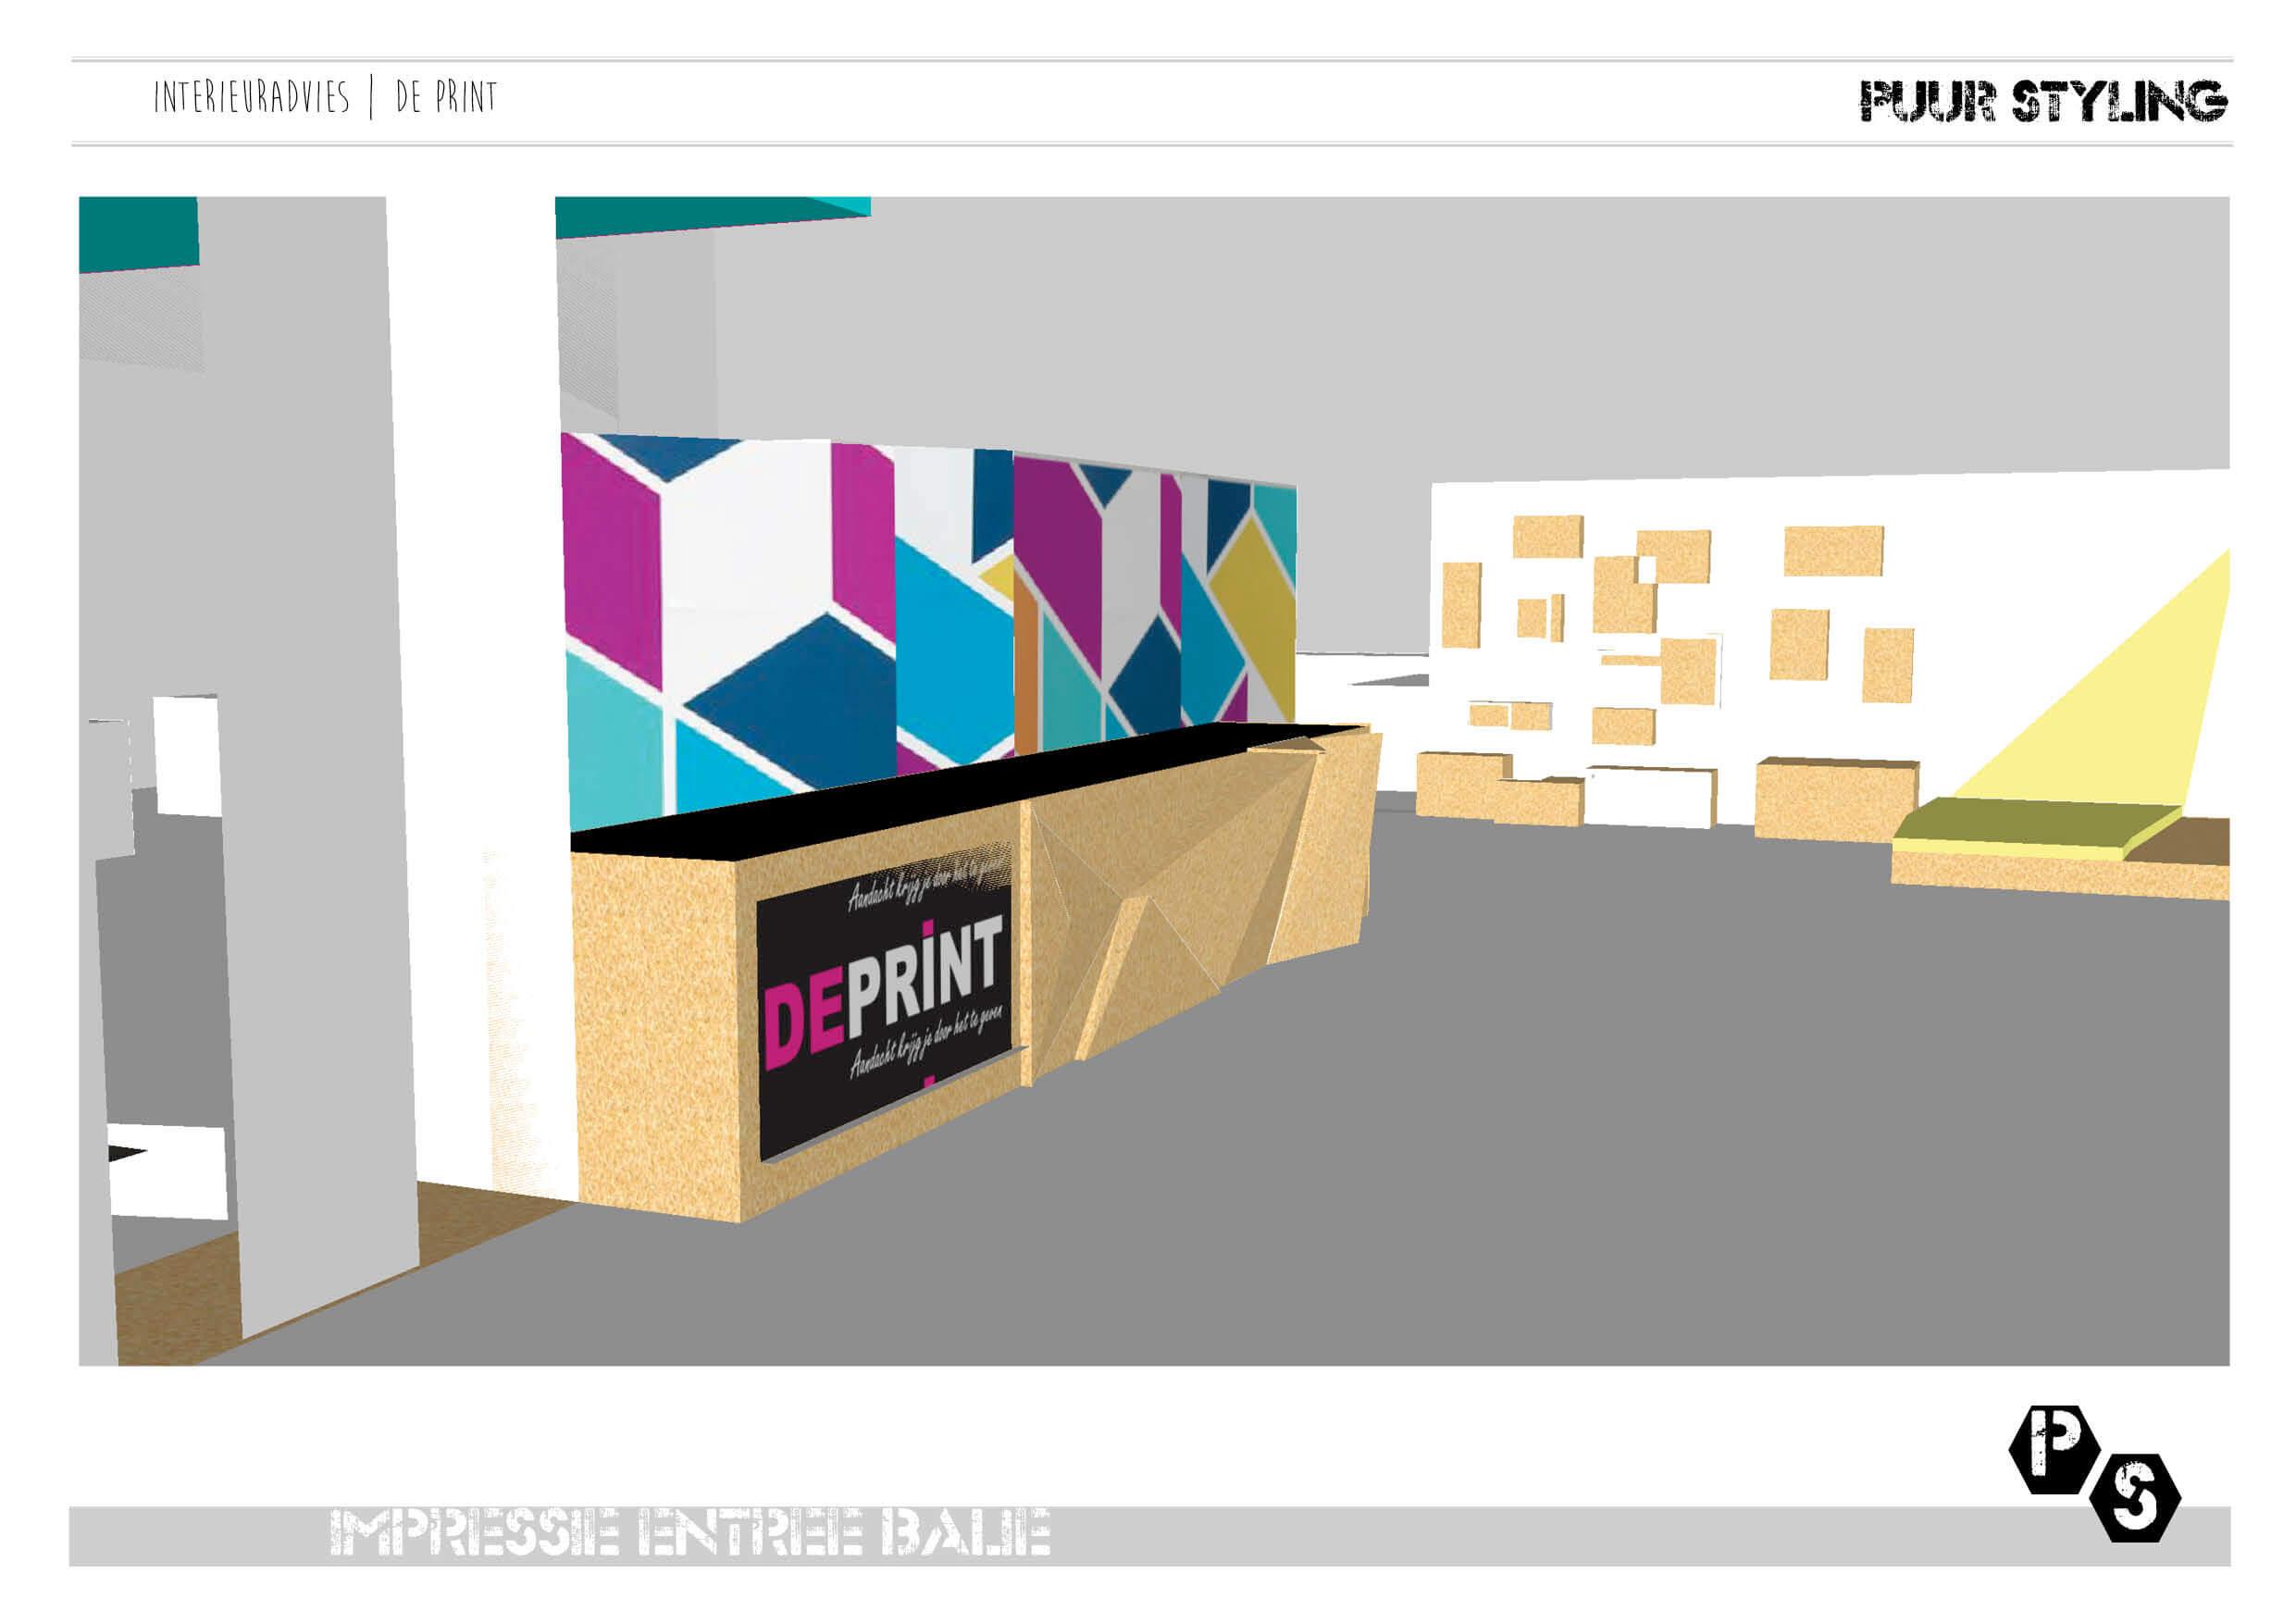 interieuradvies 3D de Print Winsum2